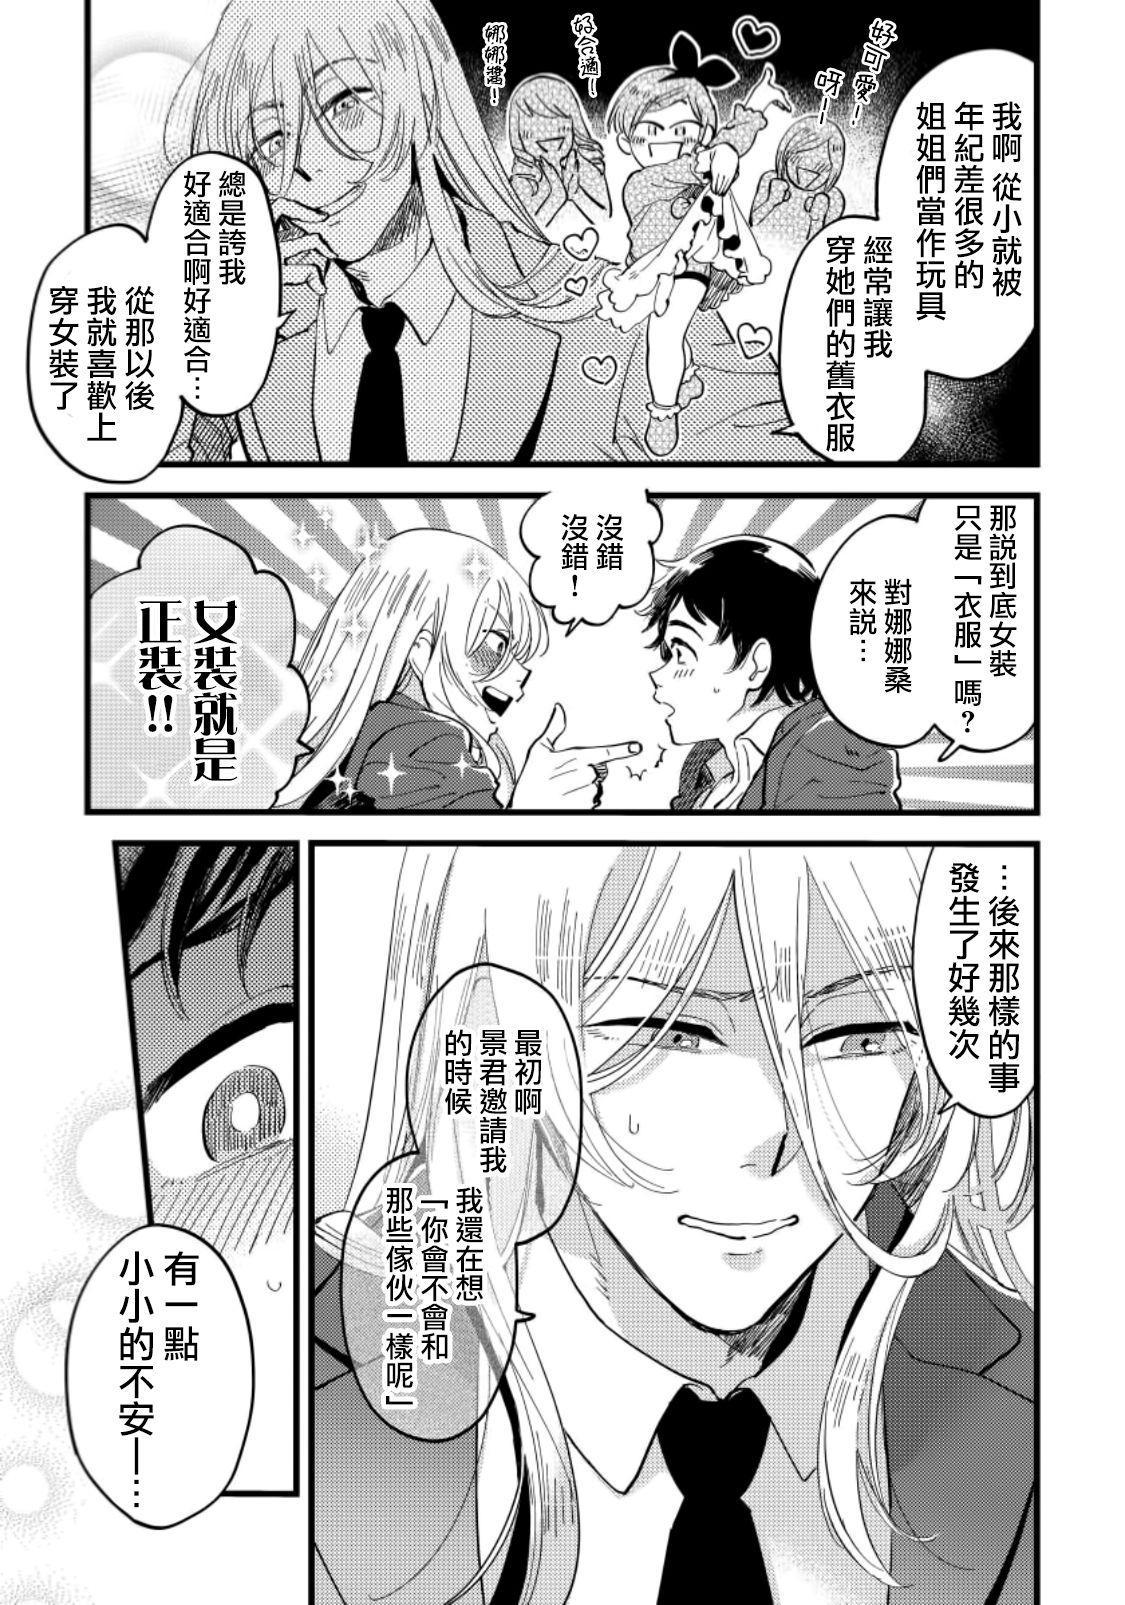 Josou Onii-san ga Nonke o Torotoro ni Naru made Kaihatsu Shitara 4 丨女裝大哥哥把直男黏糊糊的地方開發了的話 只靠後面高潮的樣子讓我看看吧 4 15